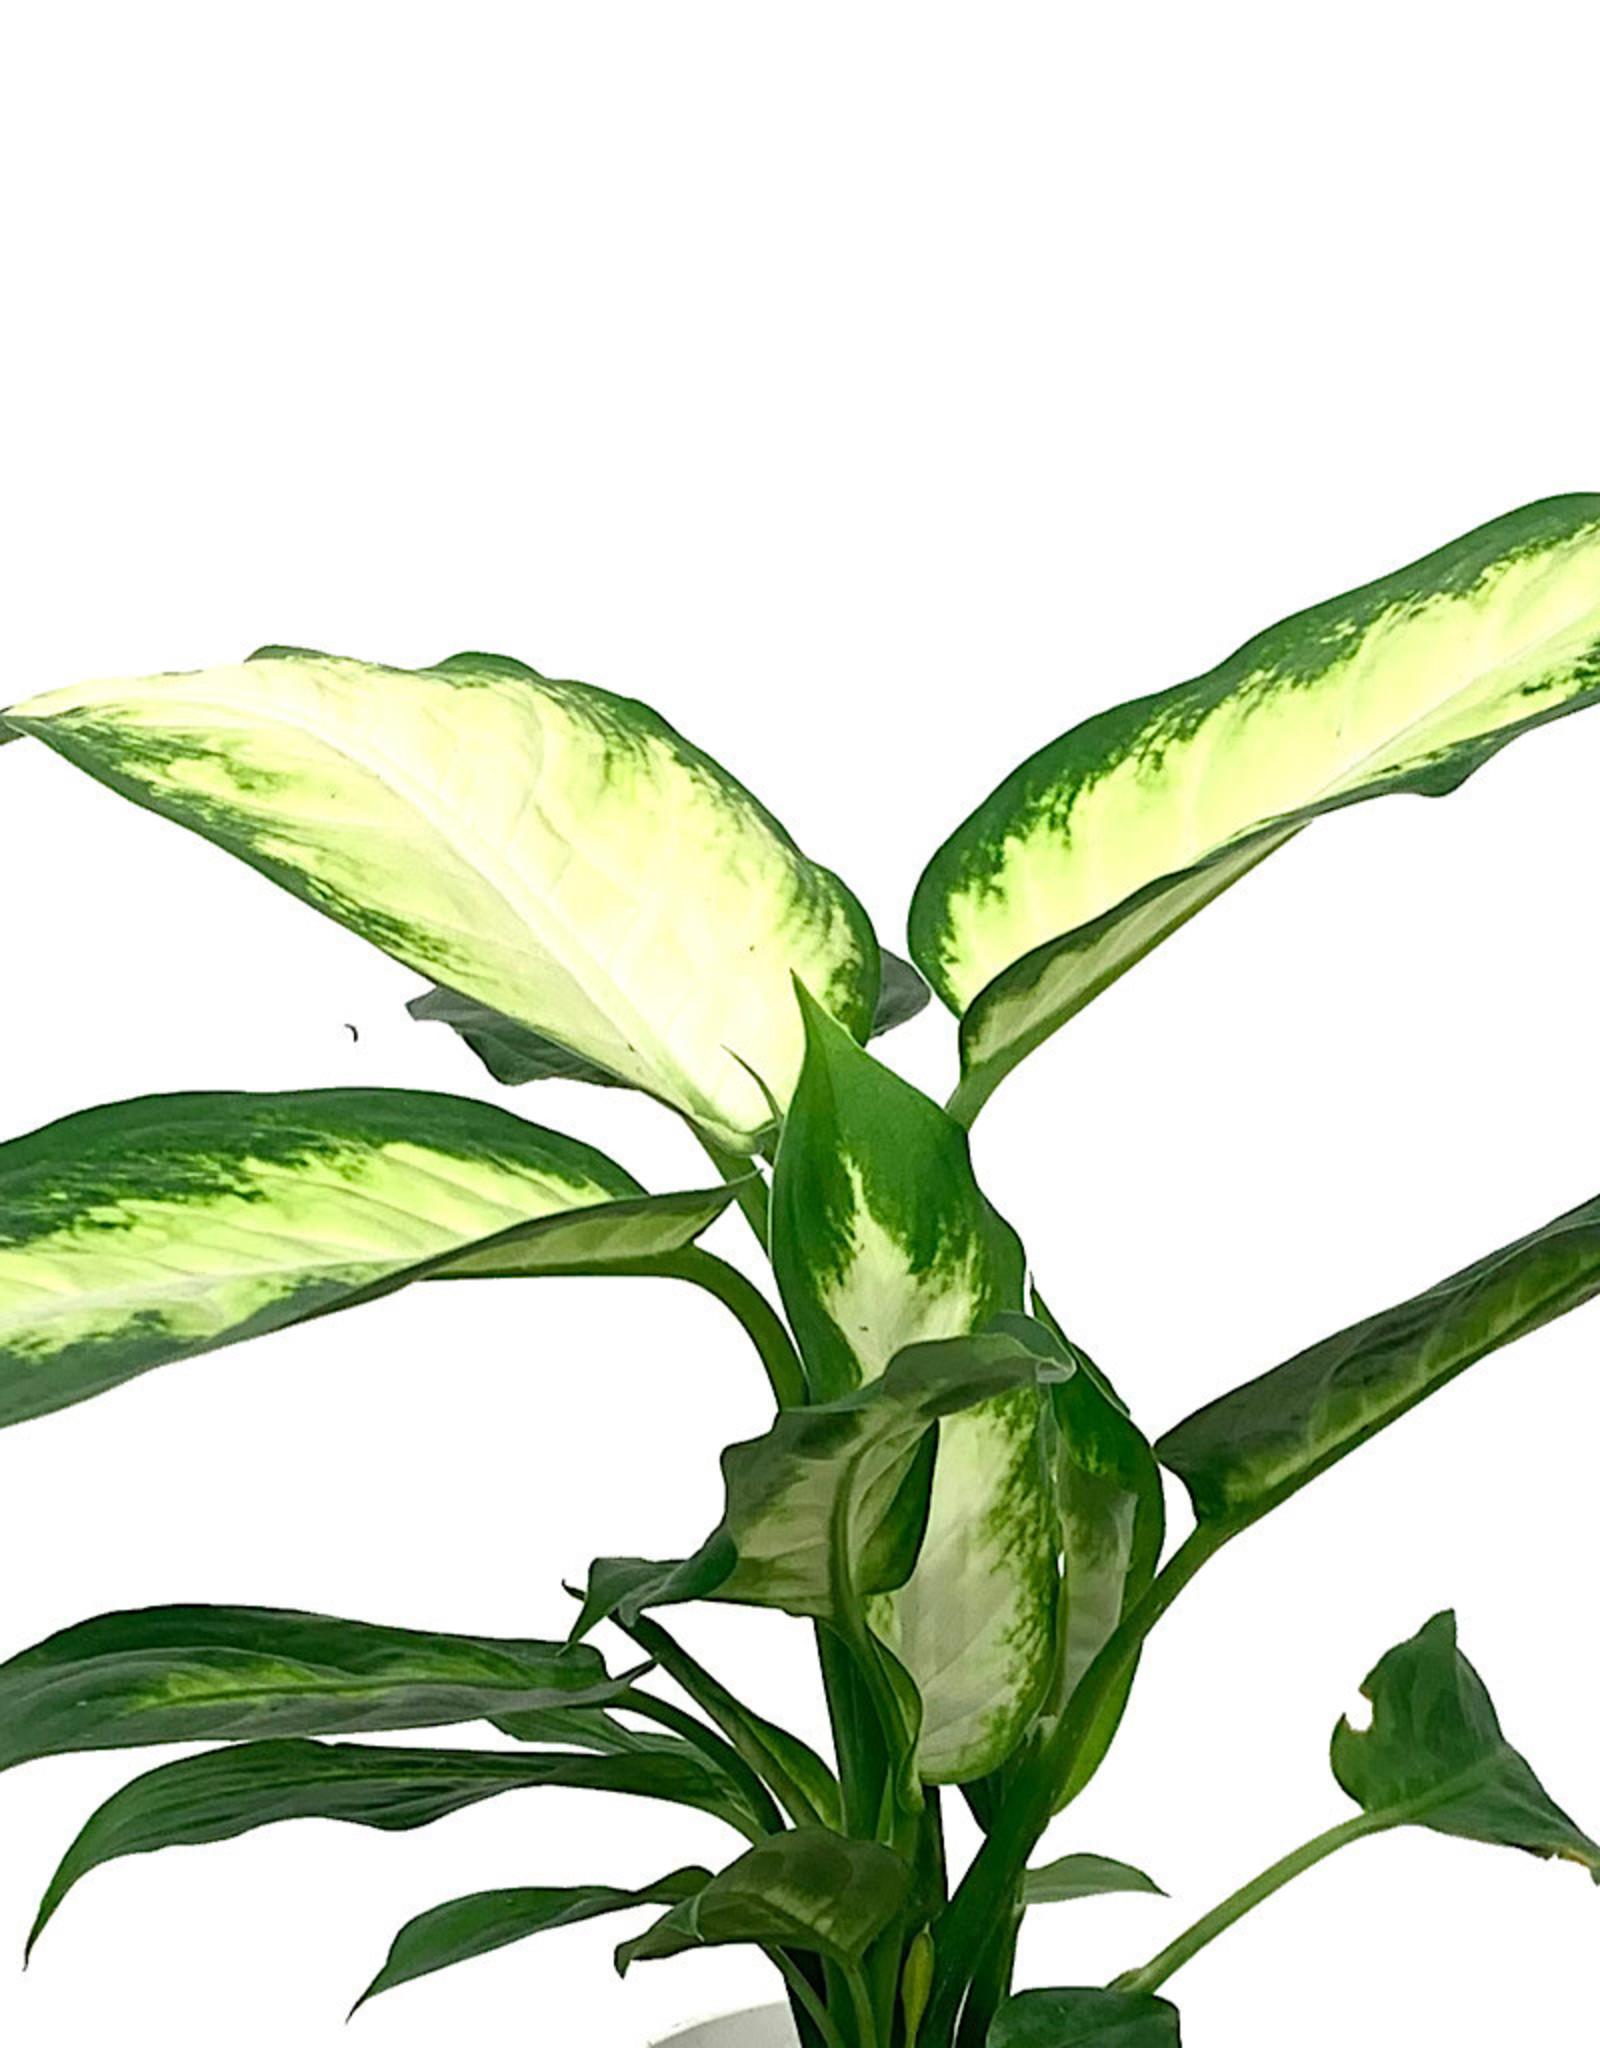 Dieffenbachia maculata 'Camille' 4 Inch